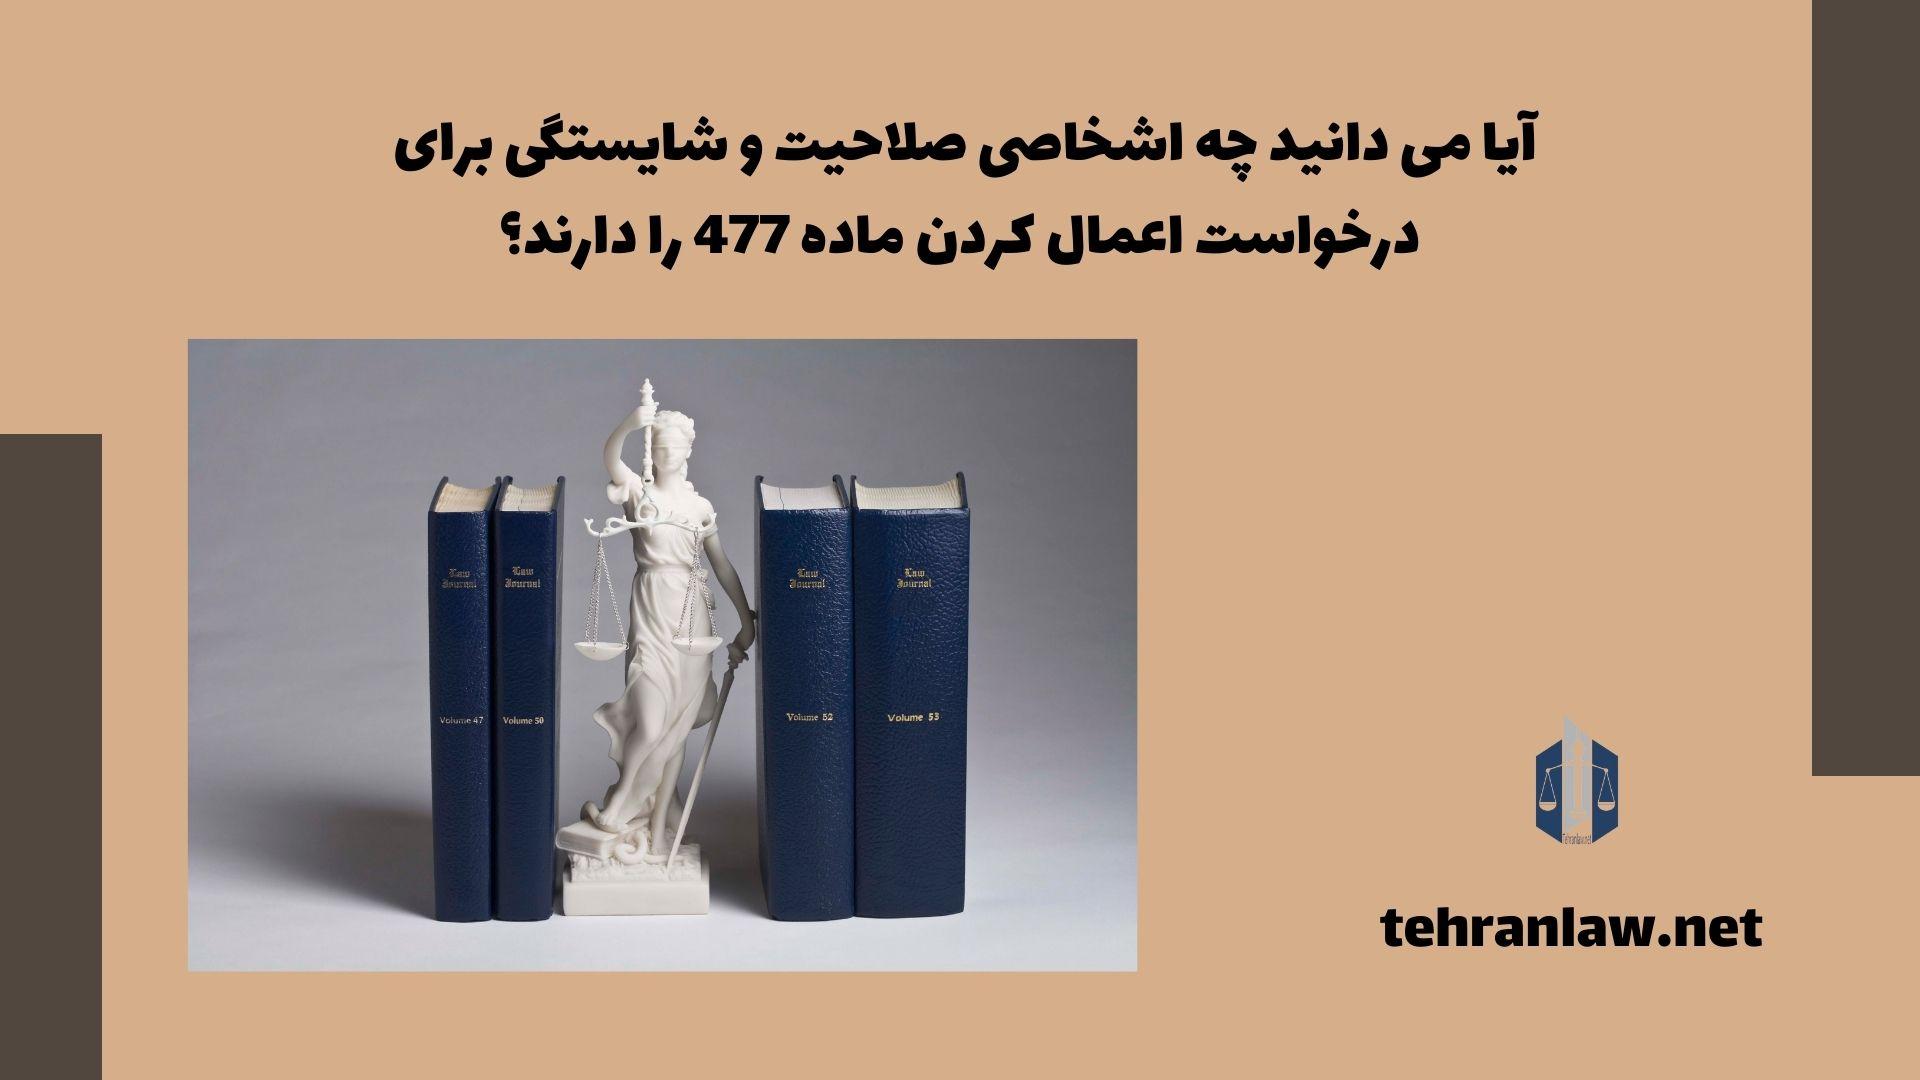 آیا می دانید، چه اشخاصی صلاحیت و شایستگی برای درخواست اعمال کردن ماده 477 را دارند؟